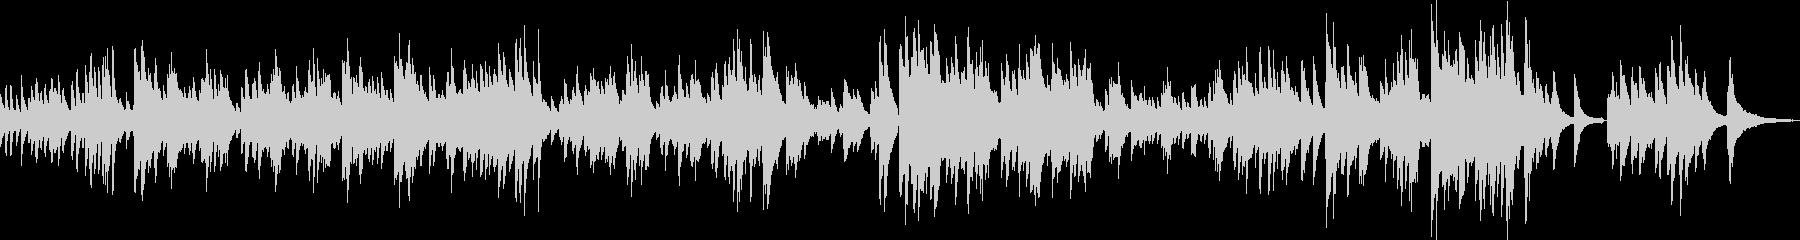 希望に満ち溢れたピアノ曲(独奏)の未再生の波形